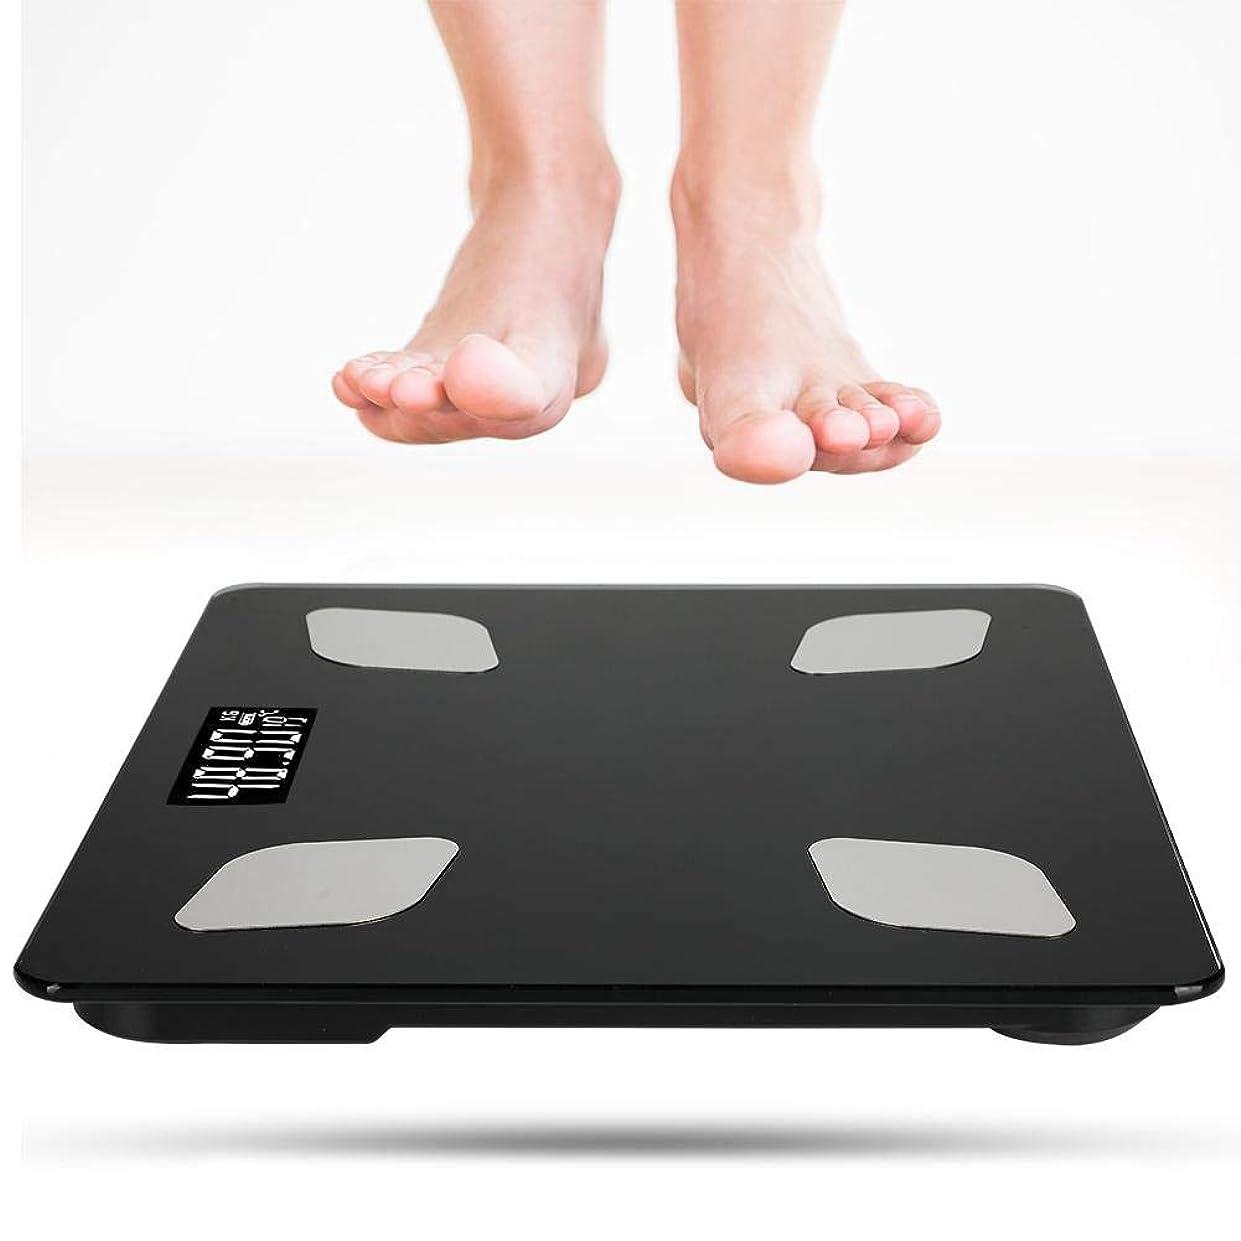 剥離肌寒いホラーdooti体重計 体脂肪計 体組成計 体重 体脂肪率 BMI 水分率 筋肉率 推定骨量 健康管理